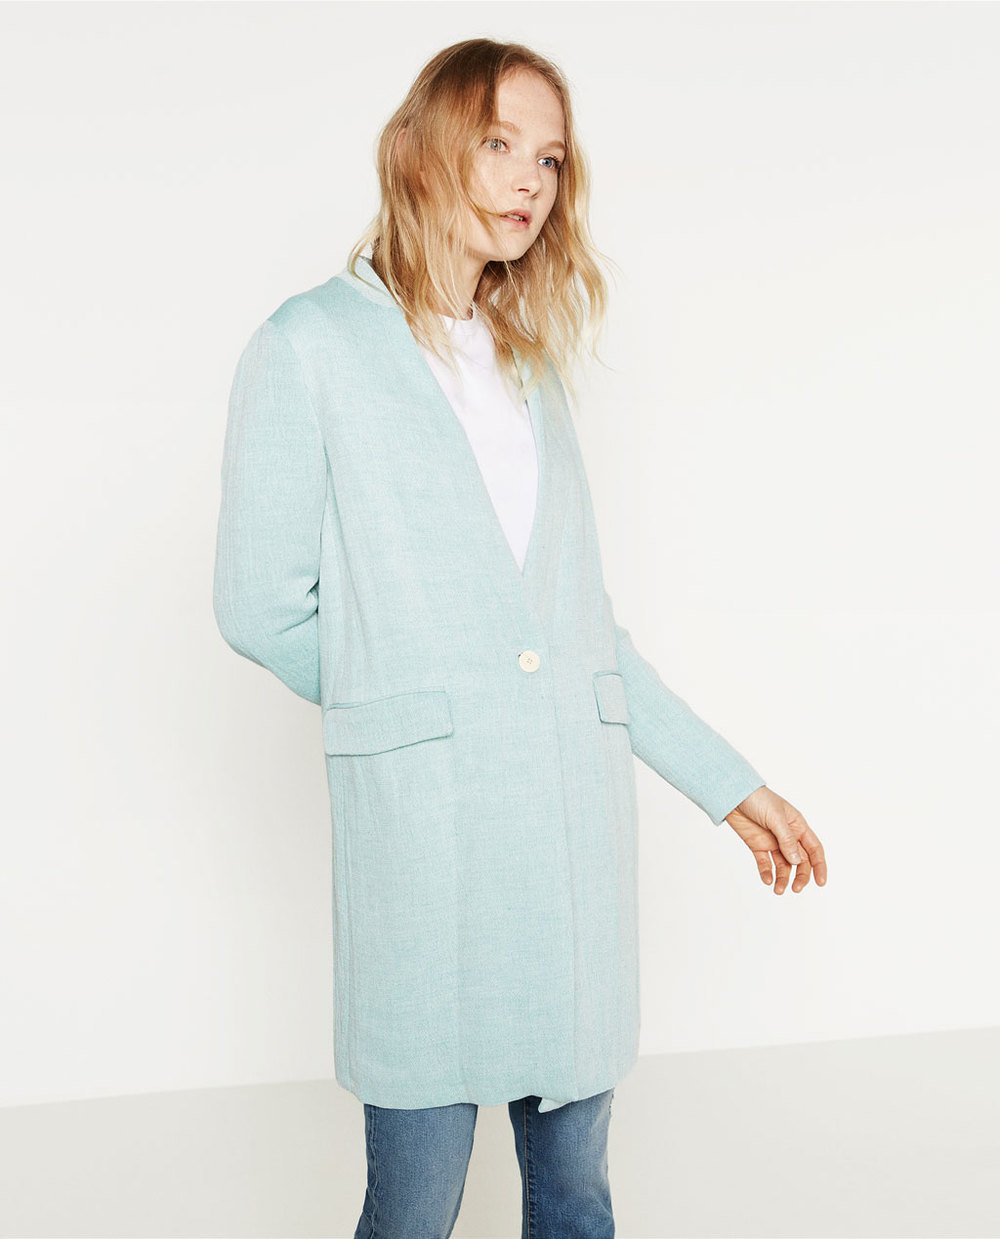 Linen Cotton Coat $39.99